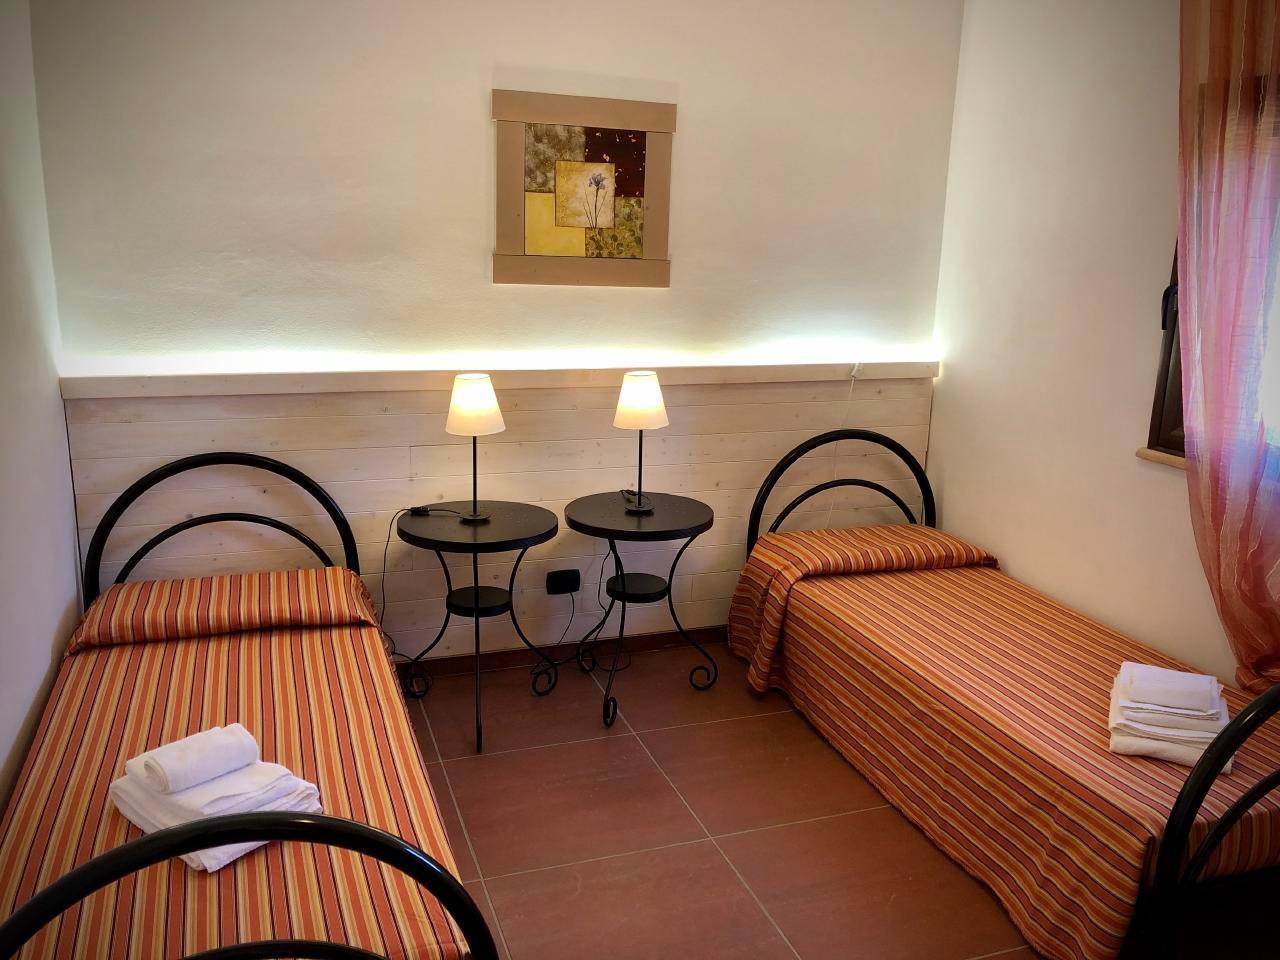 Ferienhaus Ferienwohnungen (405222), Sciacca, Agrigento, Sizilien, Italien, Bild 14